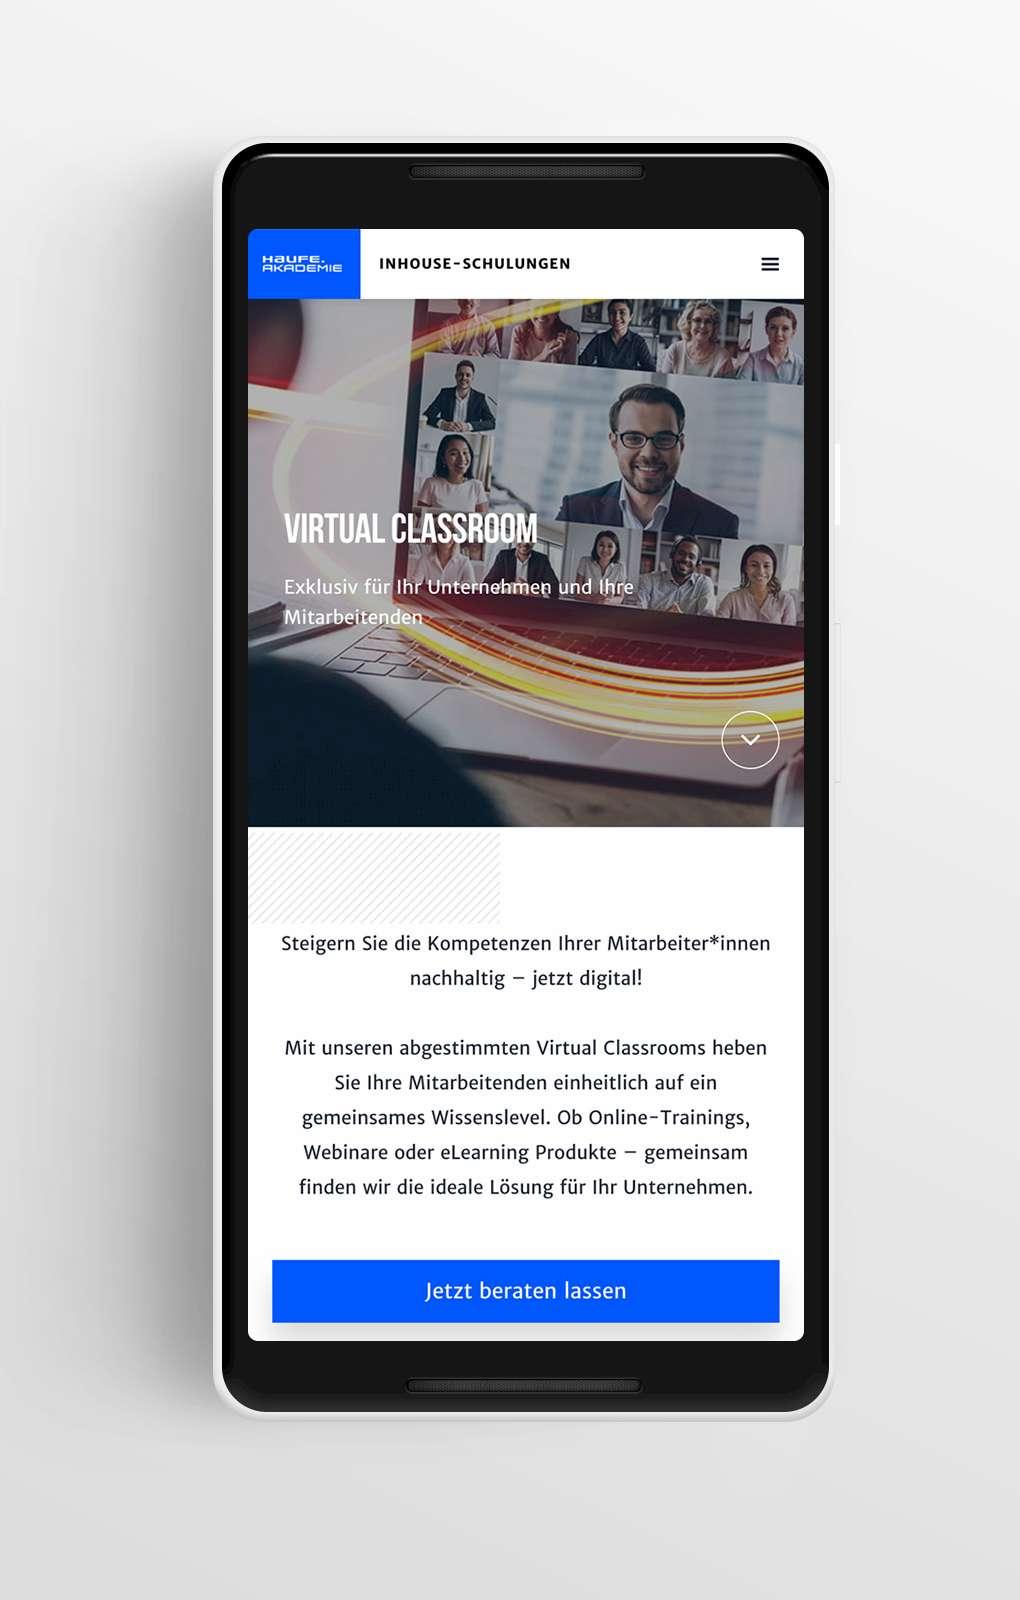 Startseite Mobile - Haufe - Inhouse Schulungen